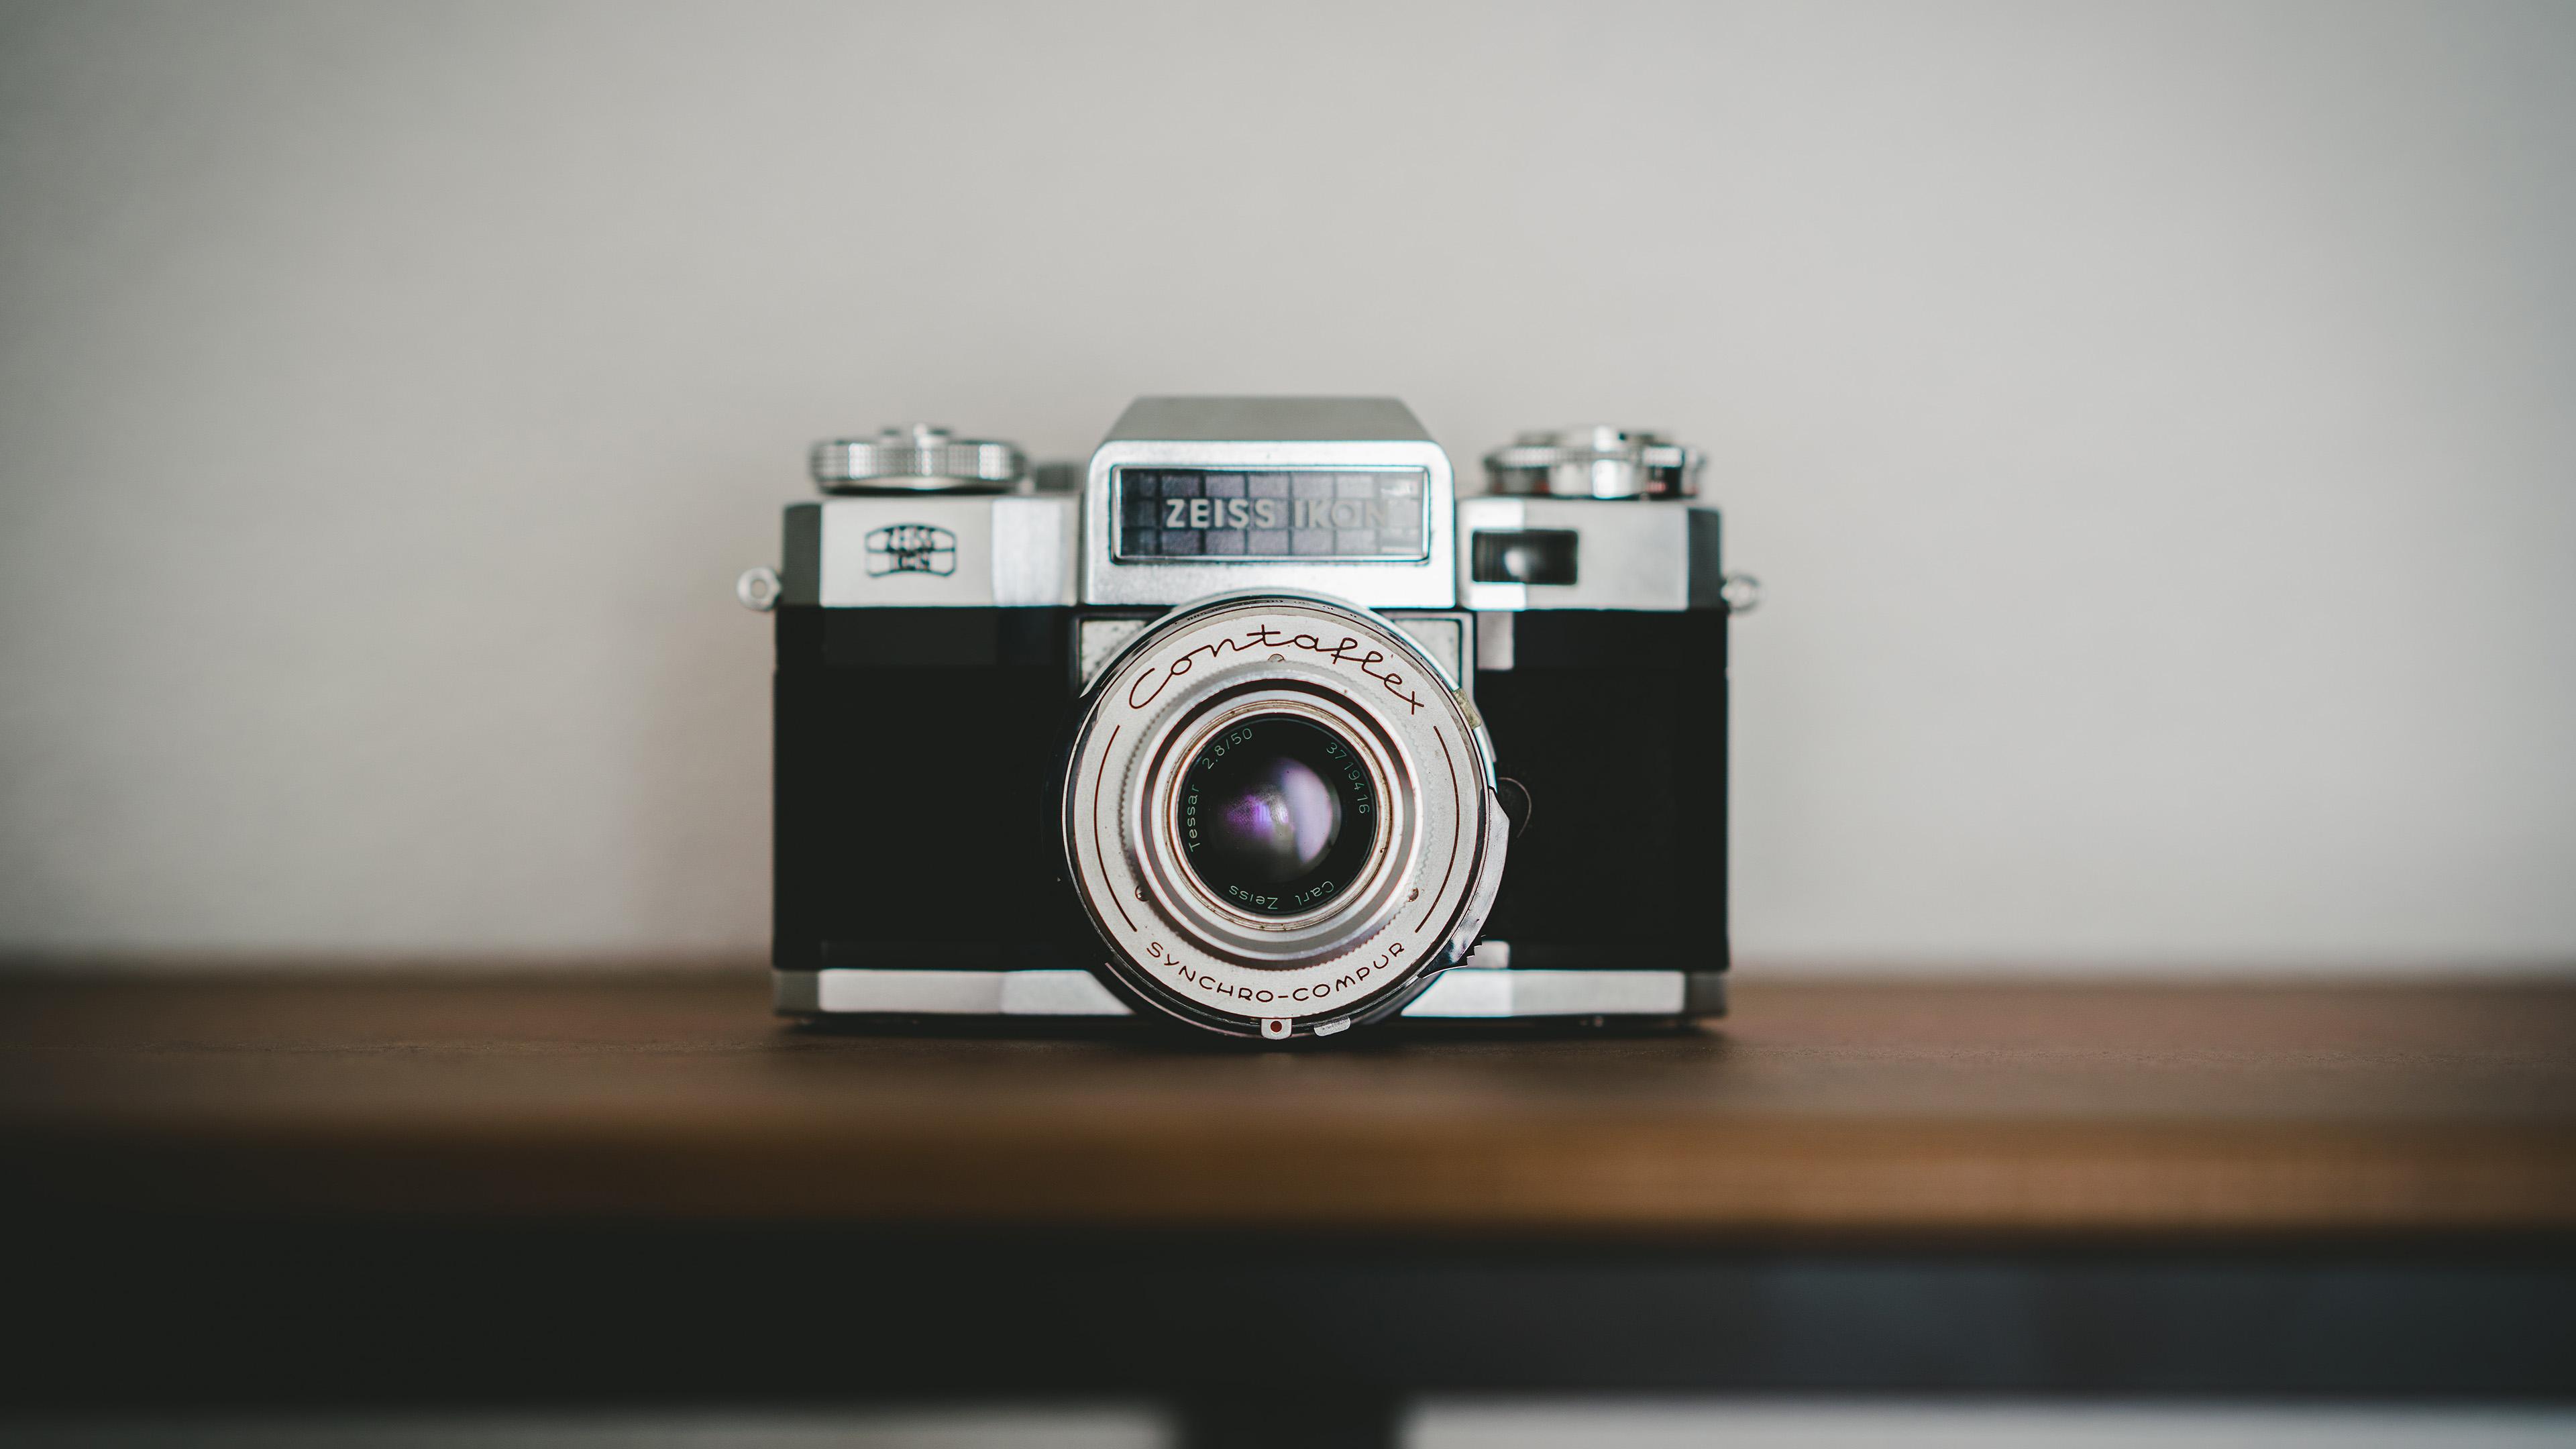 小清新,静物写真,相机,特写,文艺